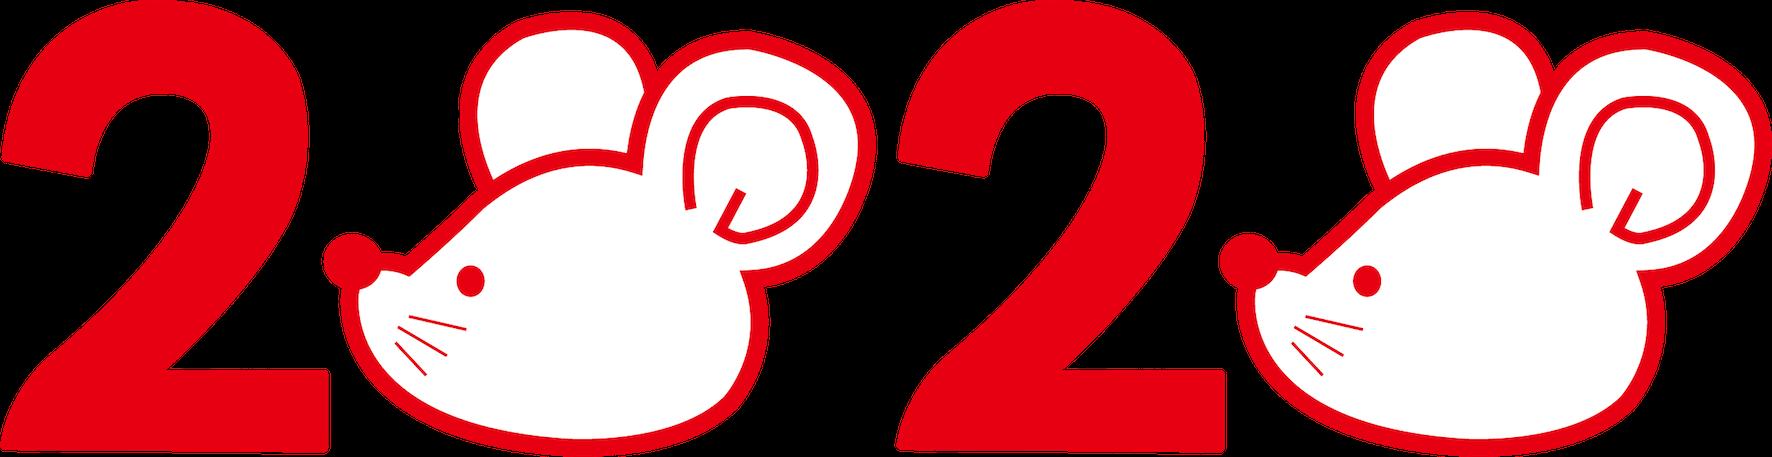 可愛いネズミの横顔と2020年文字イラスト【年賀状素材】